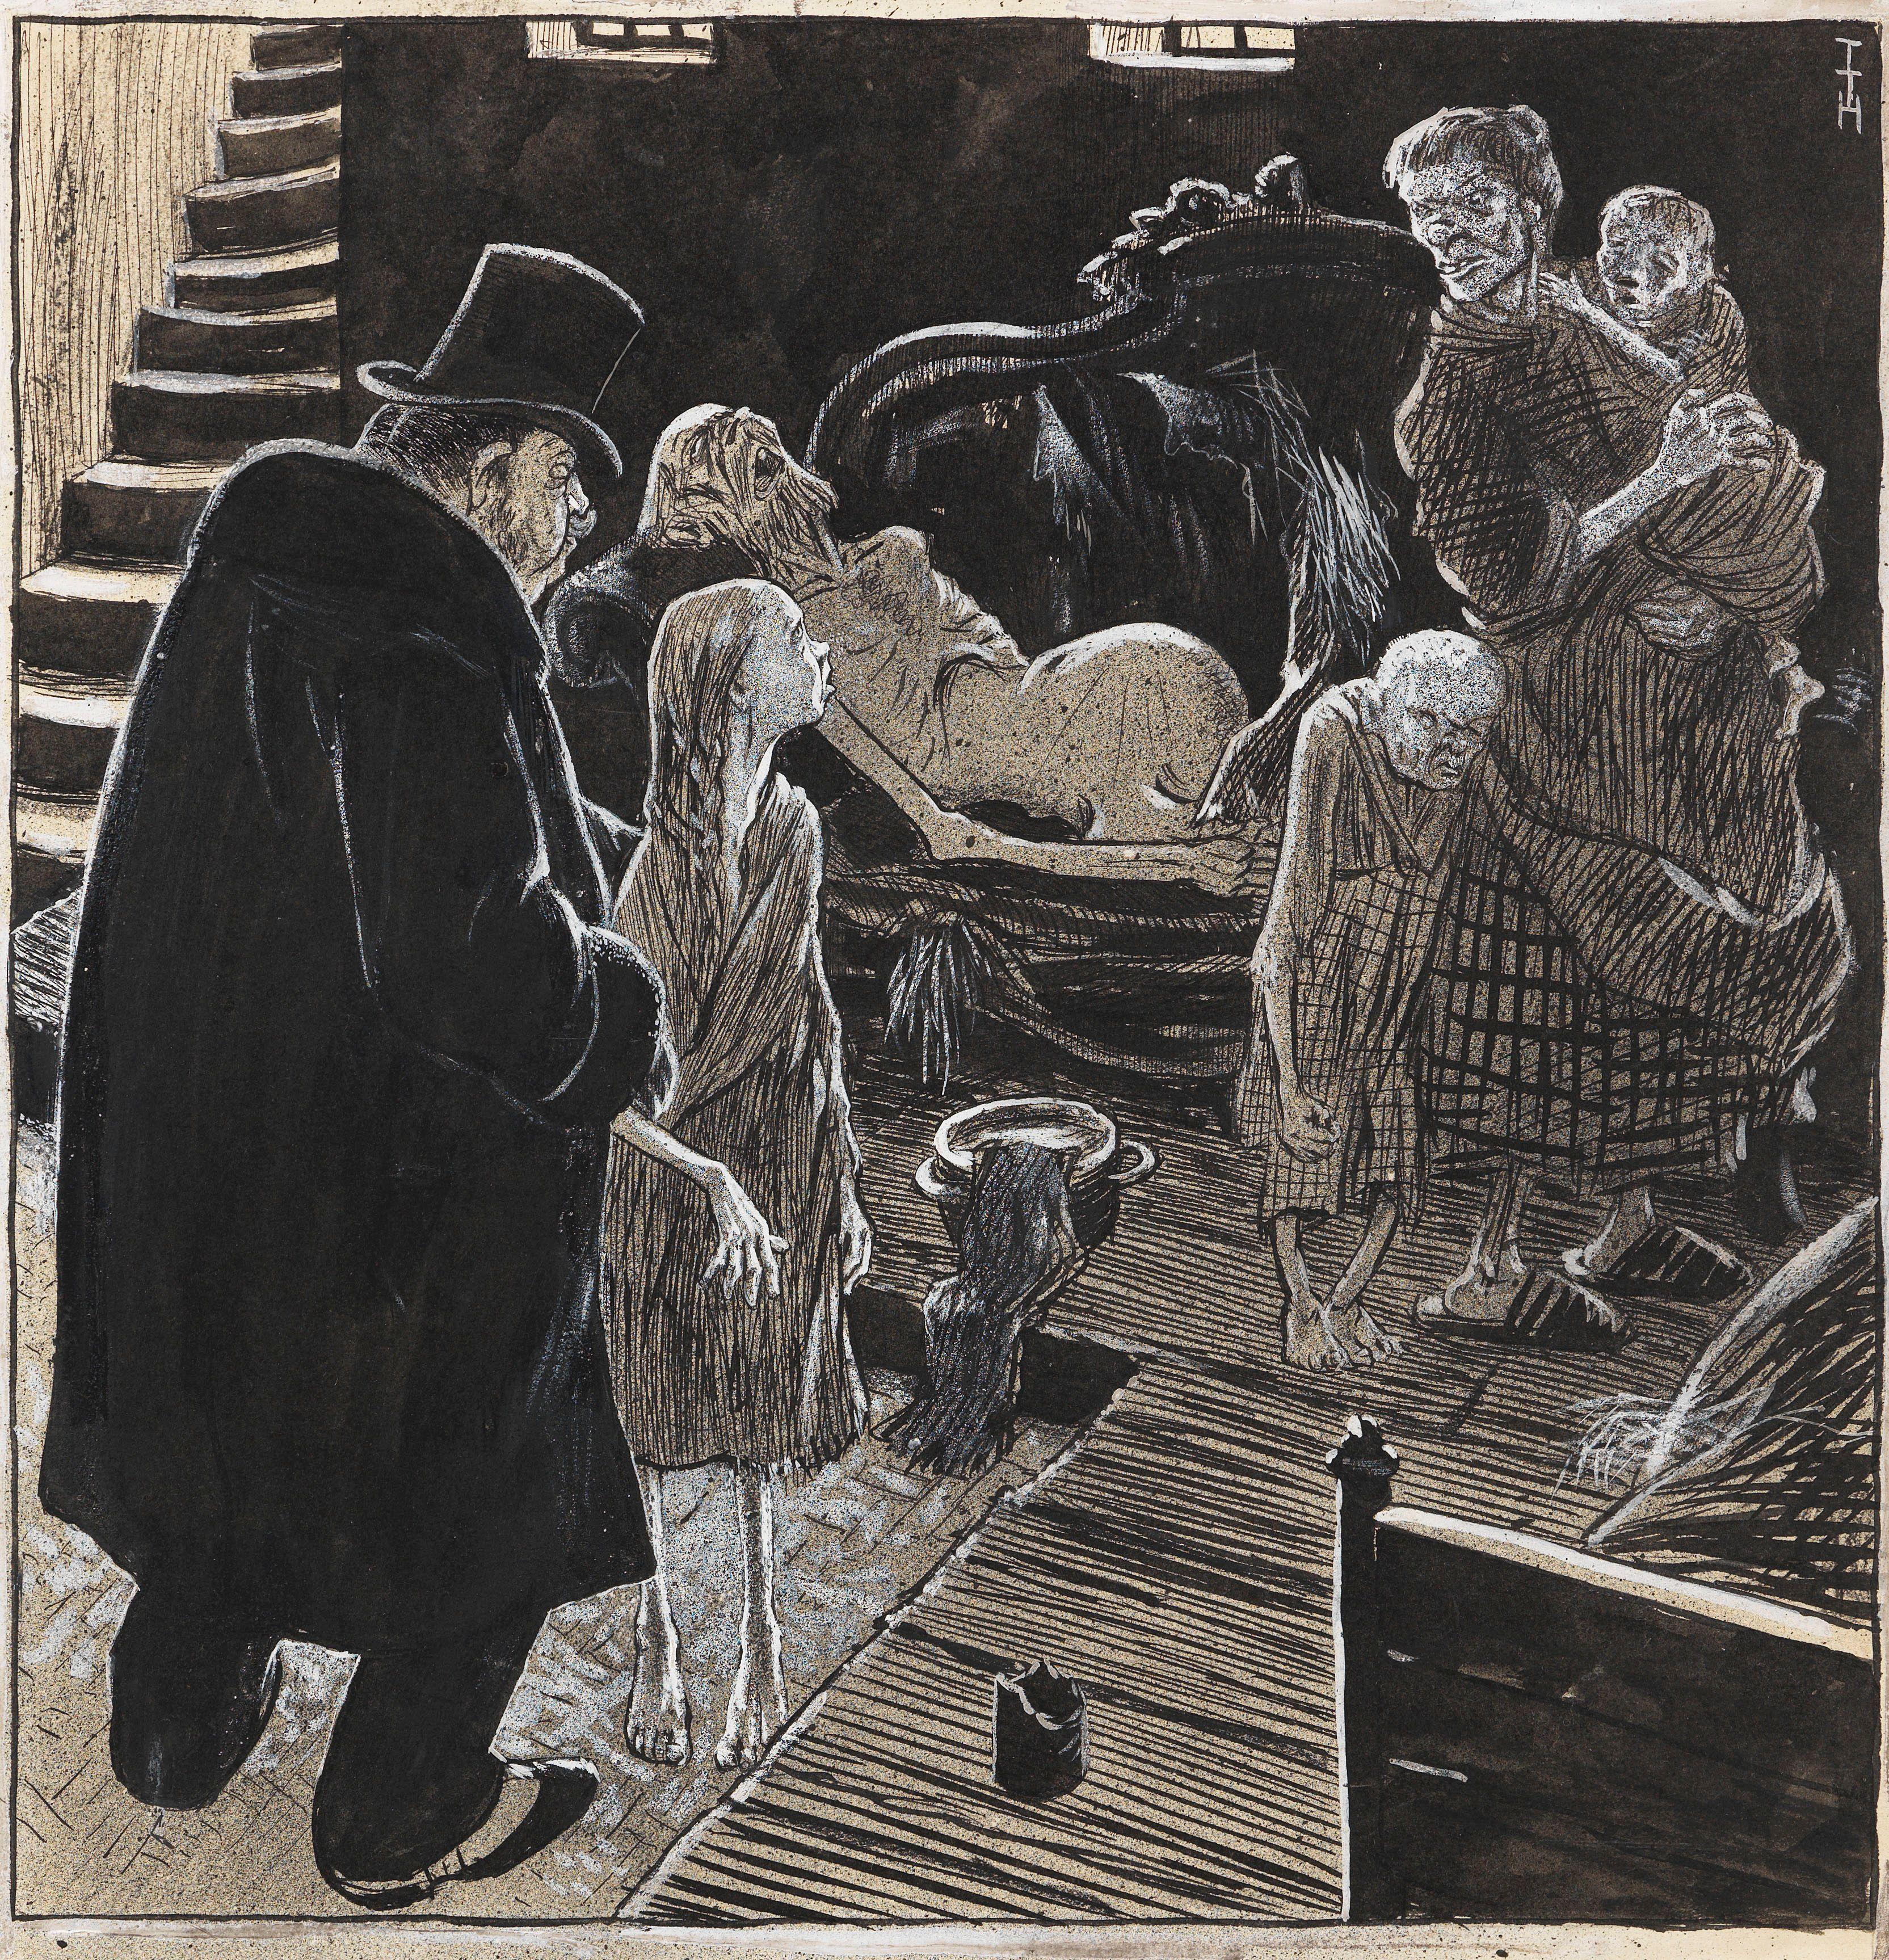 Thomas Theodor Heine - Durchs dunkelste Deutschland